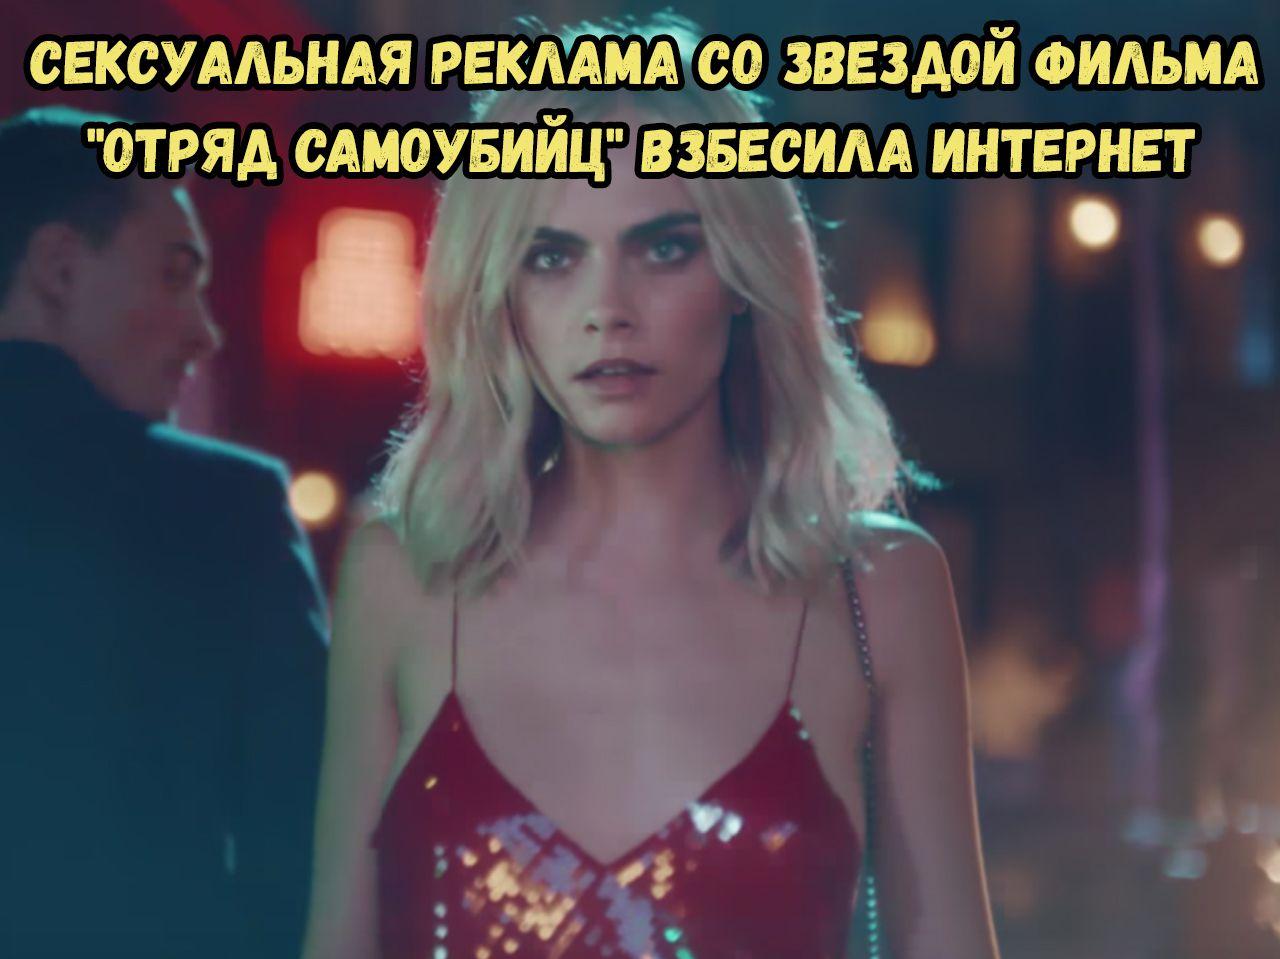 Сексуальная реклама со звездой фильма